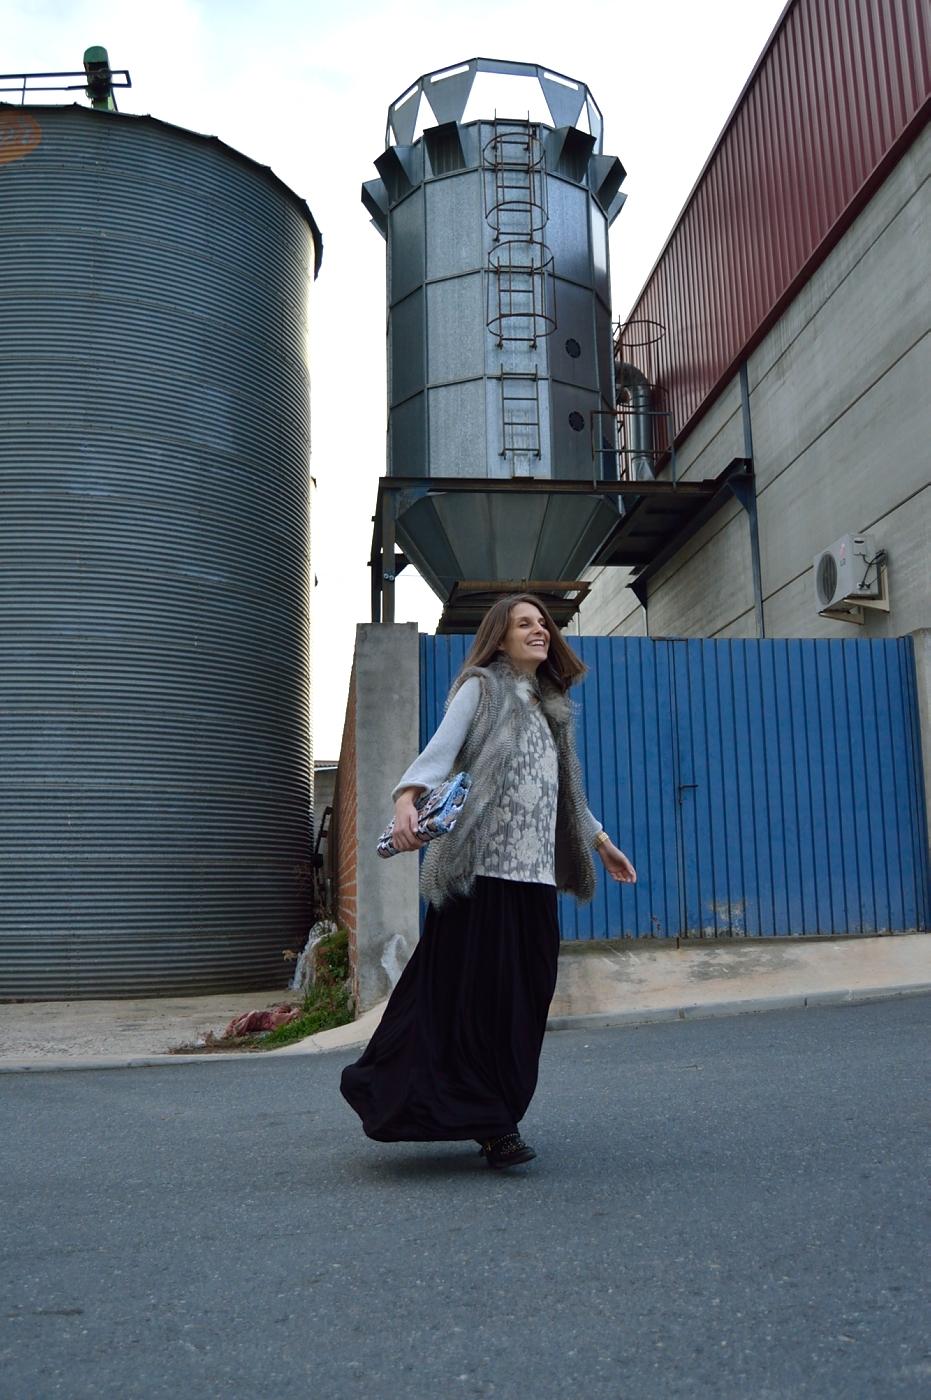 lara-vazquez-madlula-style-streetstyle-look-winter-ootd-fashion-blog